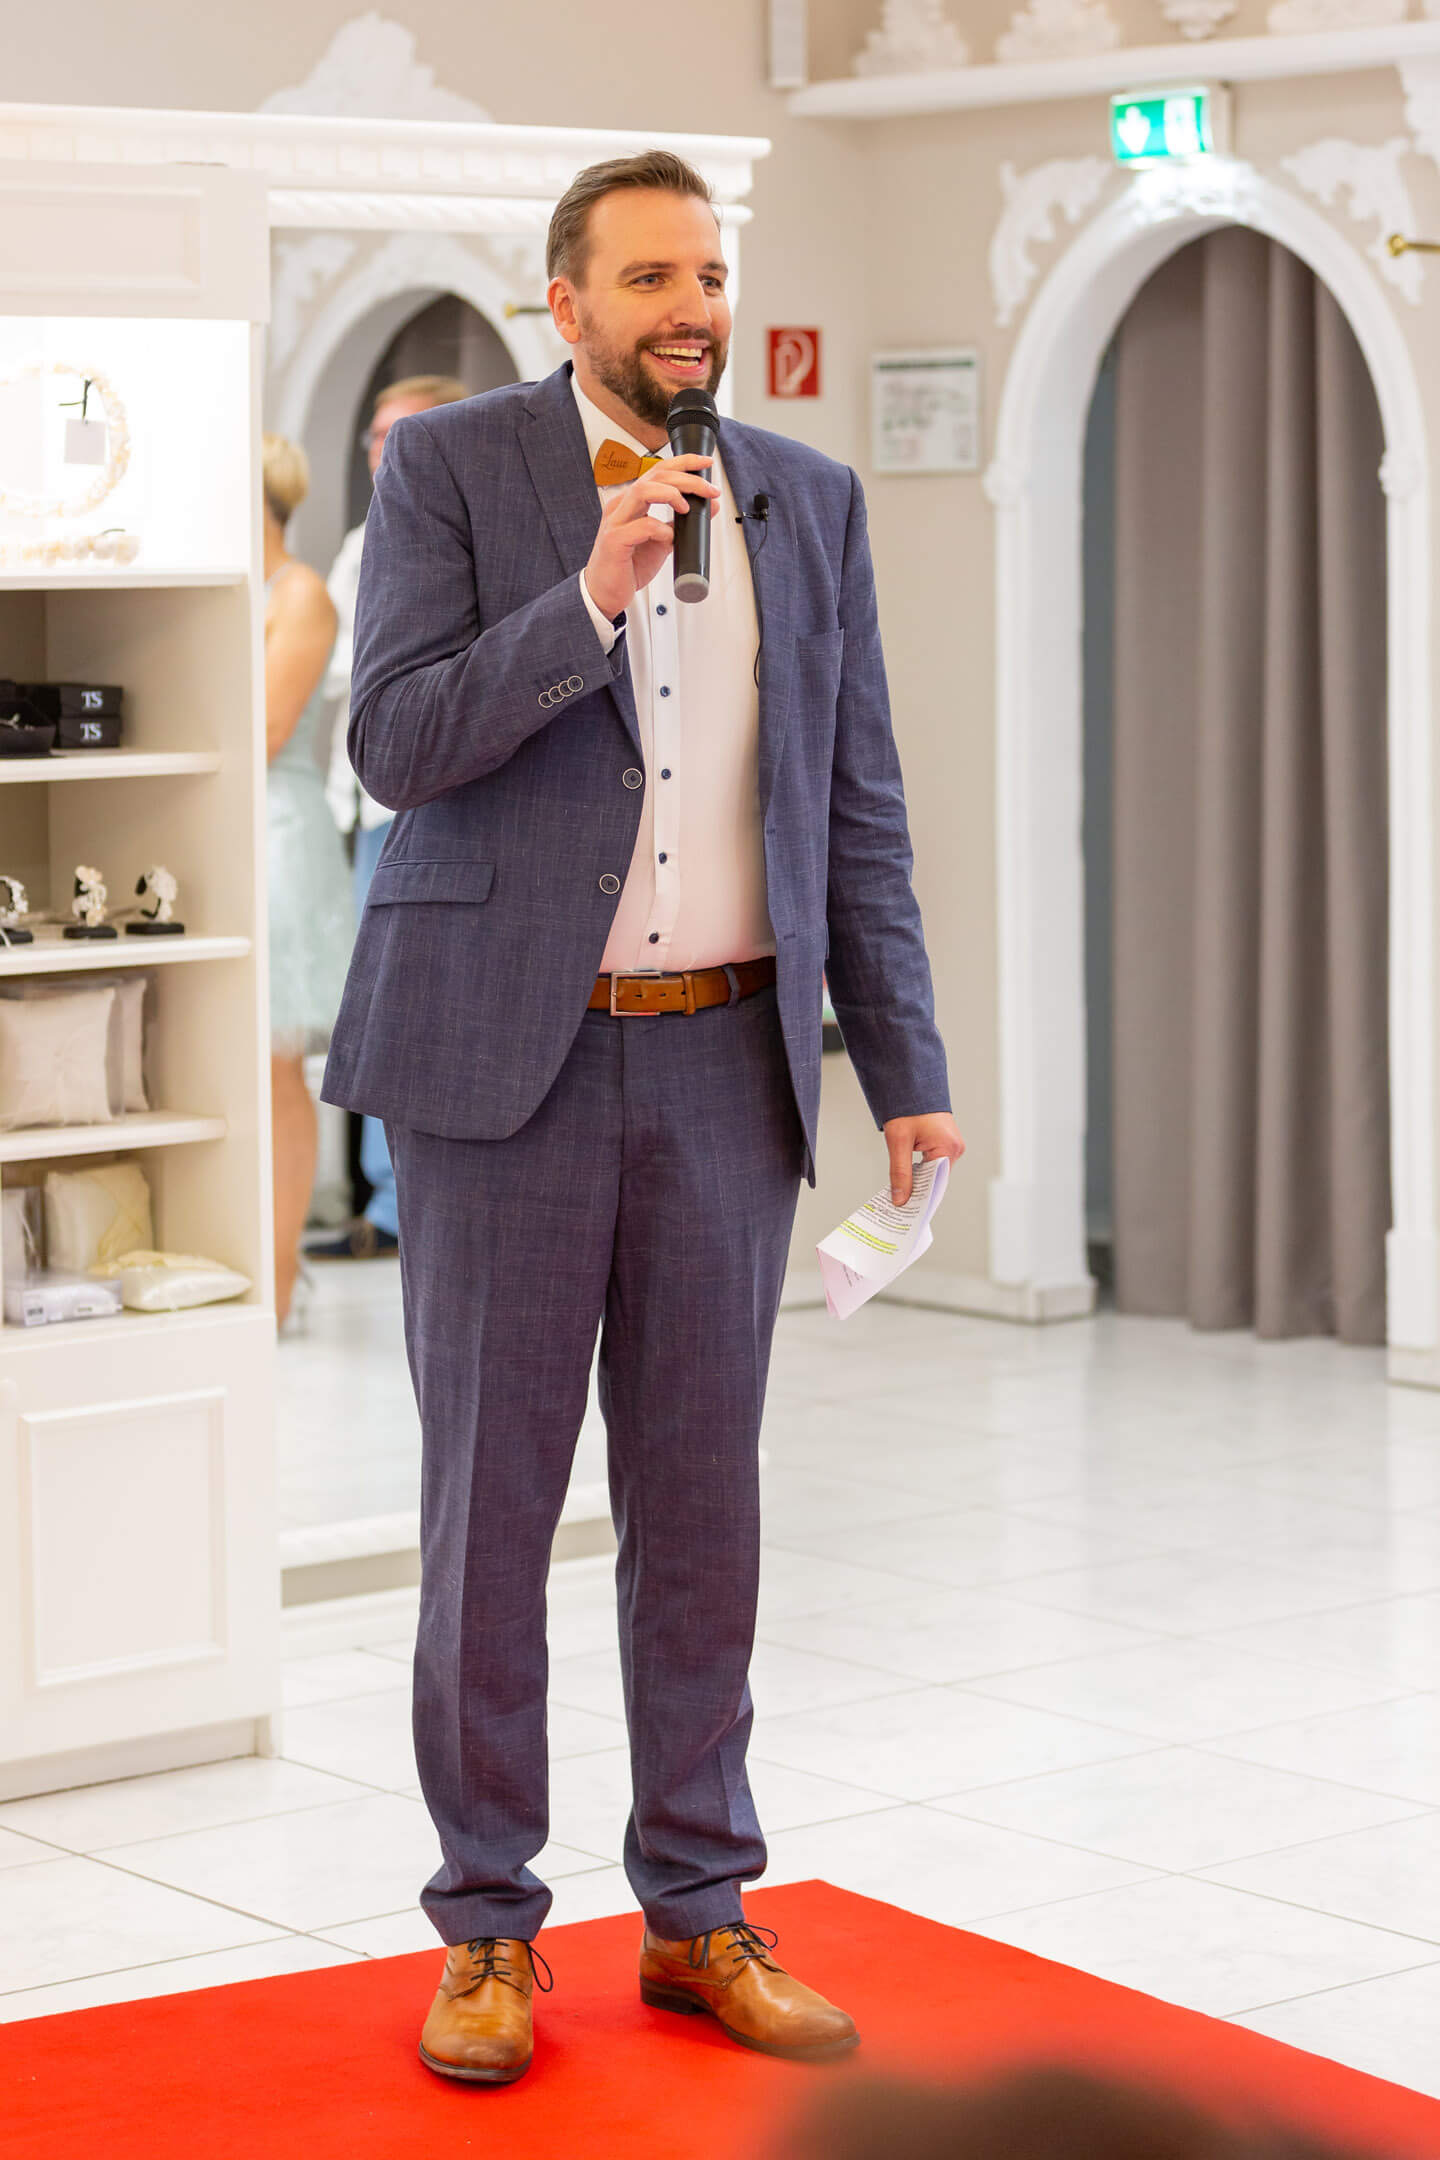 Laue Festgarderobe, Geschäftsführer Henning Jürgensen bei der Eröffnung der Fashionshow 2019